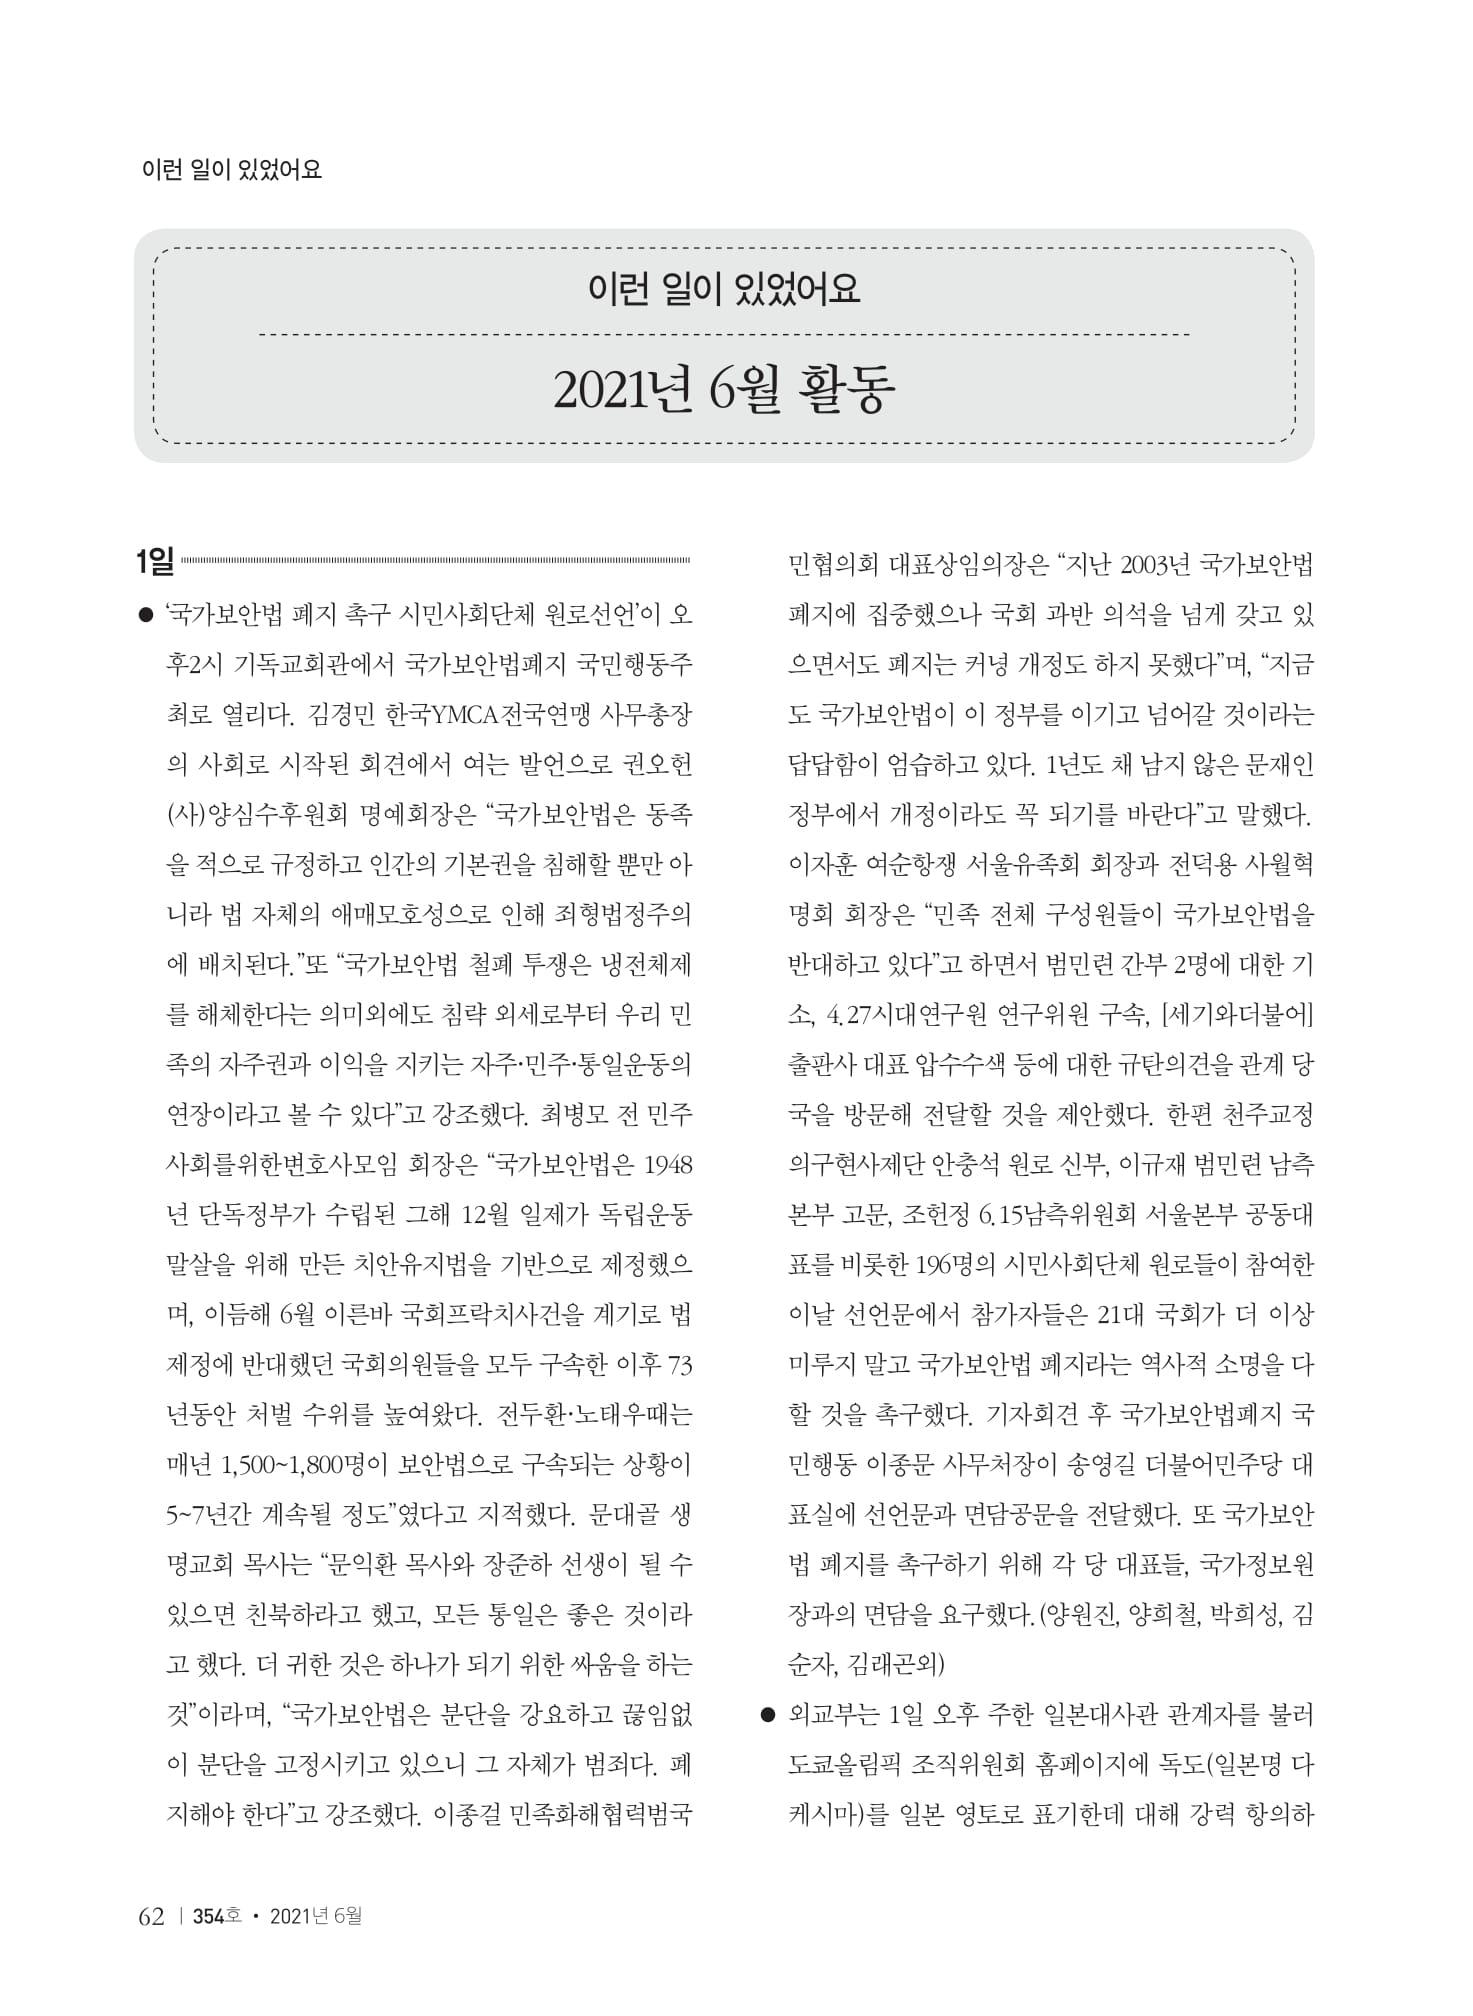 [양심수후원회] 소식지 354호 web 수정-64.jpg